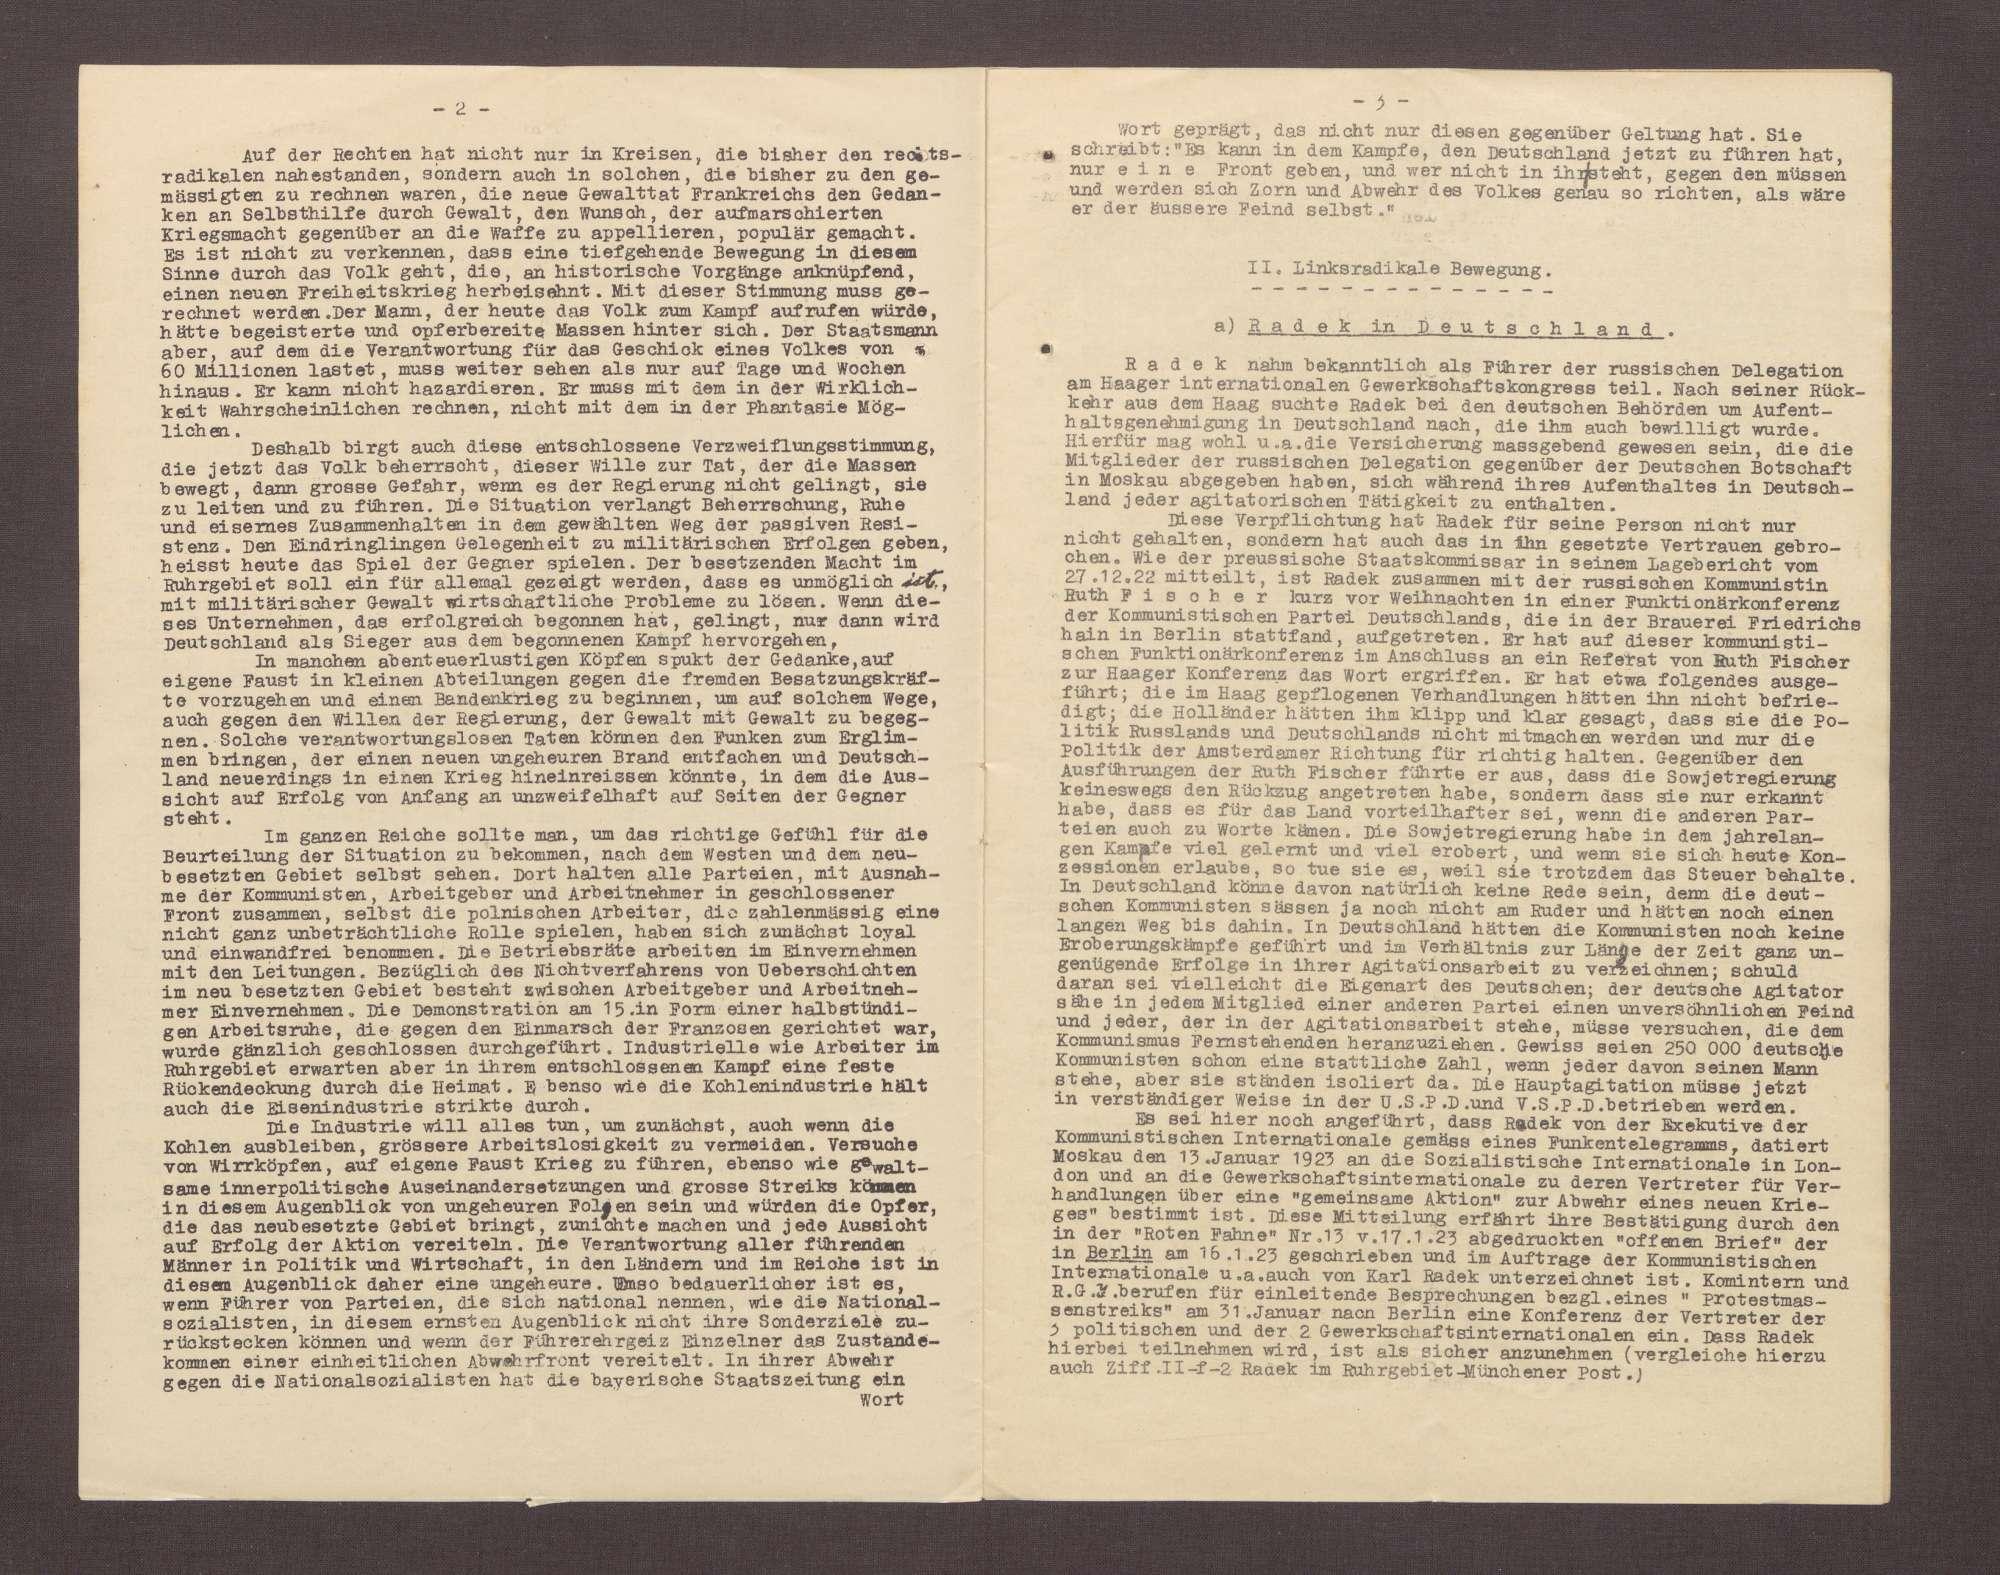 Lageberichte des Reichskommissars für Überwachung der öffentlichen Ordnung, Nr. 84, Bild 3